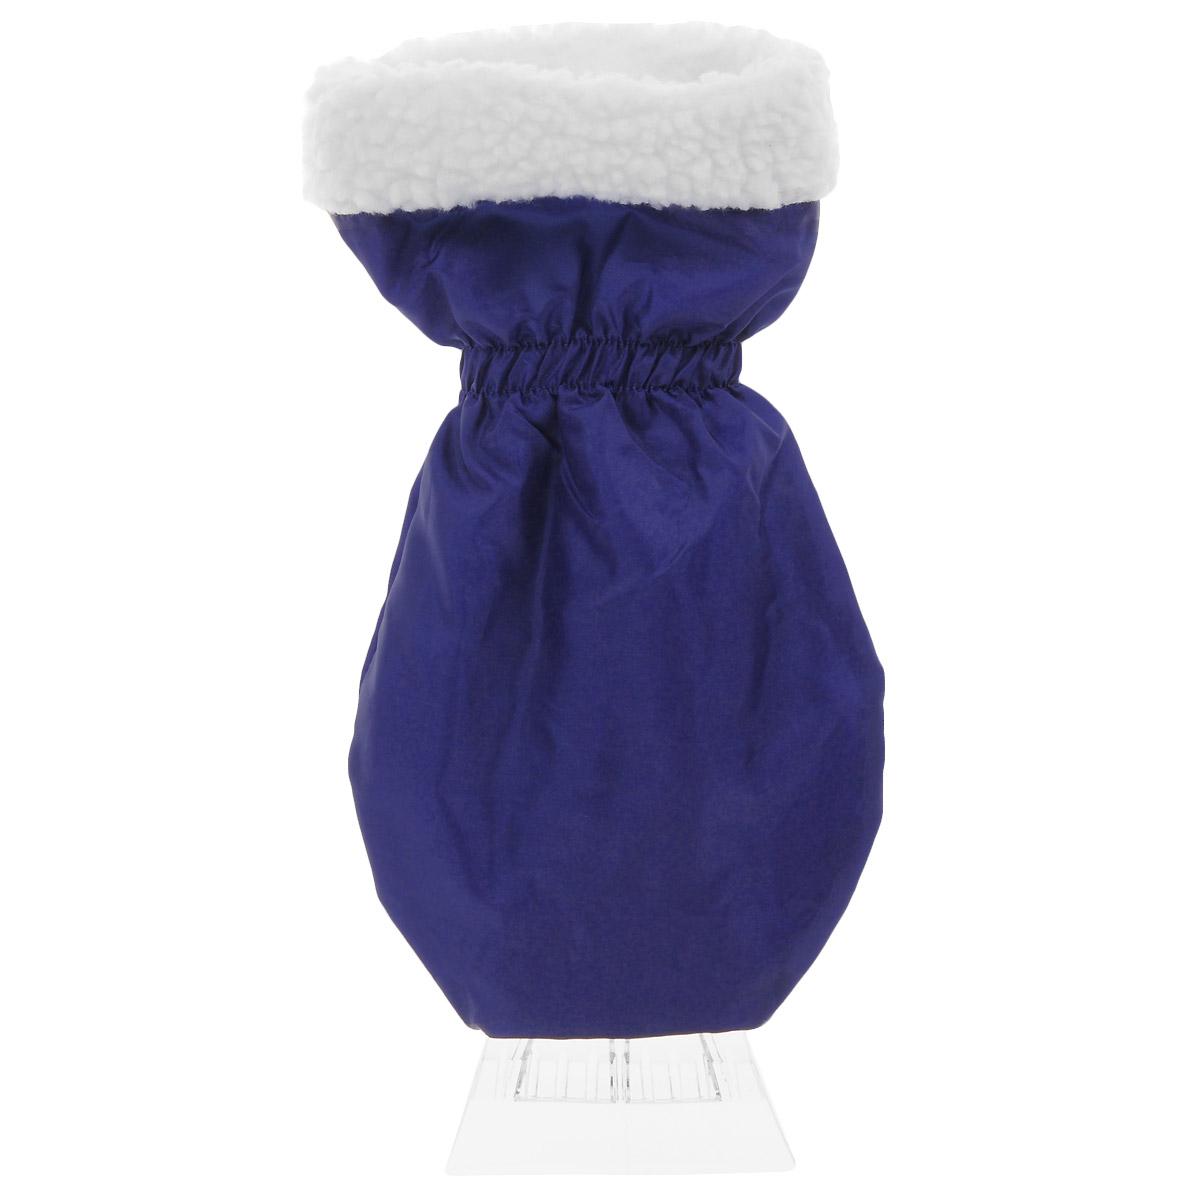 Скребок Clingo для уборки снега и льда, c термозащитной тканью, ширина 11 смДива 007Скребок Clingo для уборки снега и льда. Термозащитная ткань обеспечит максимальный комфорт во время использования скребка.